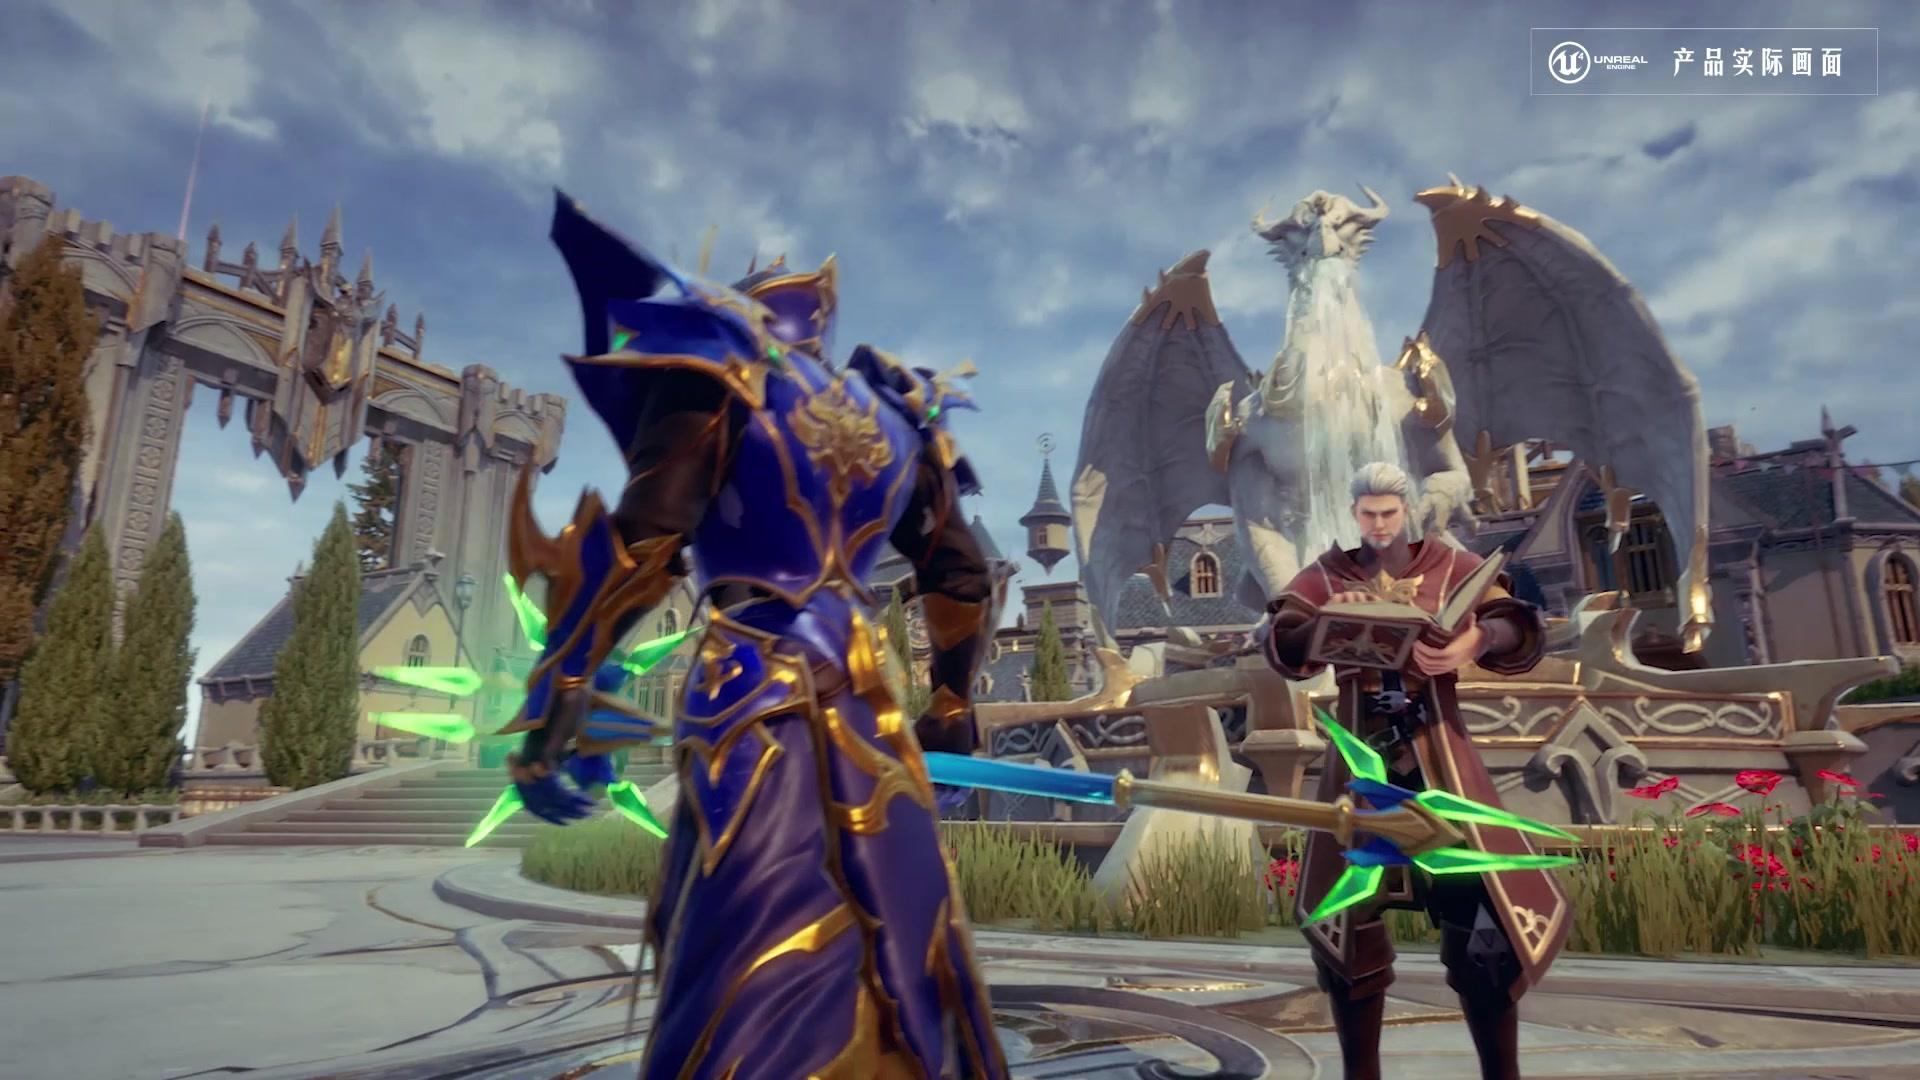 虚幻4引擎魔幻《全民奇迹2》全网首发,今日开启预约!